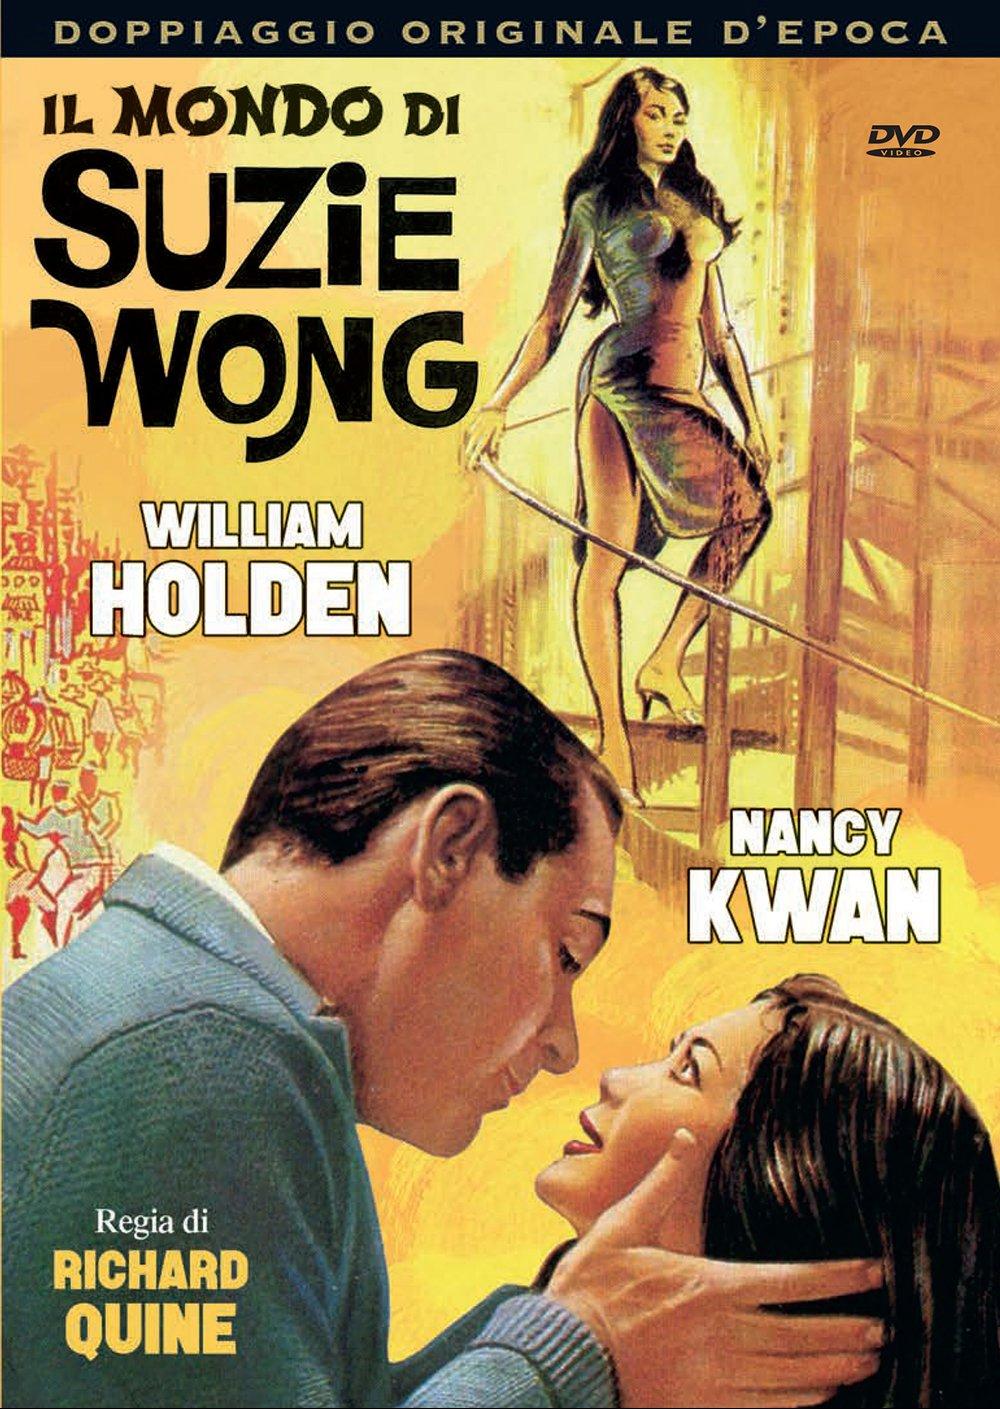 IL MONDO DI SUZIE WONG (DVD)